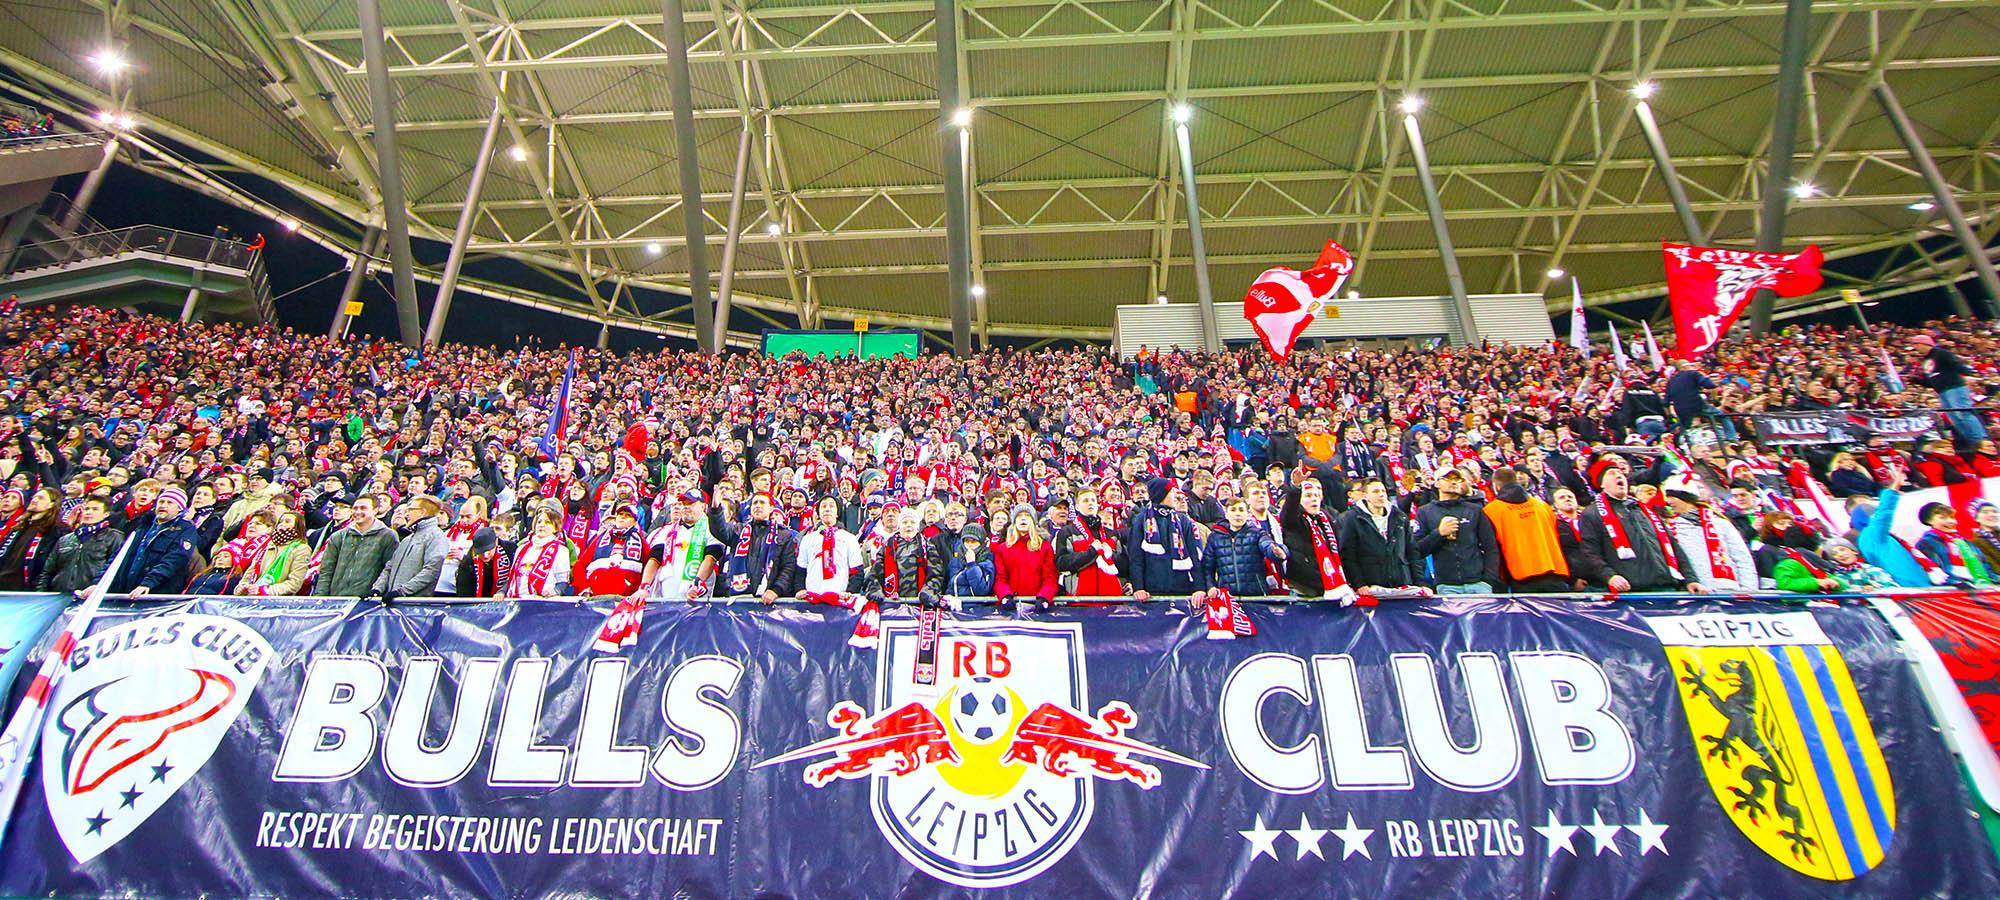 WIR SIND DER BULLS CLUB e.V.